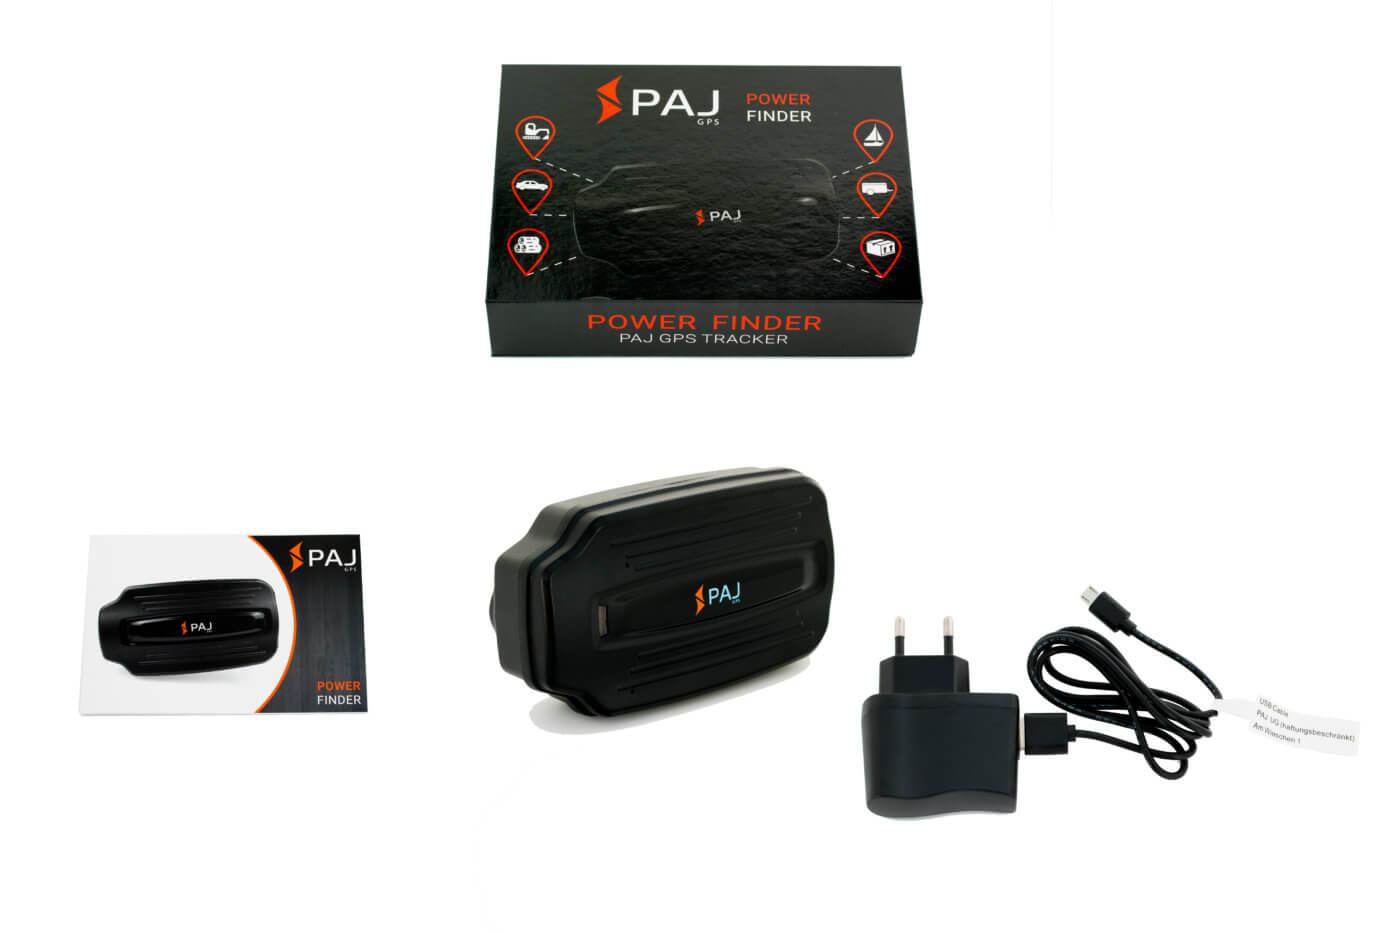 gps tracker paj power finder auto lkw boot diebstahlschutz. Black Bedroom Furniture Sets. Home Design Ideas